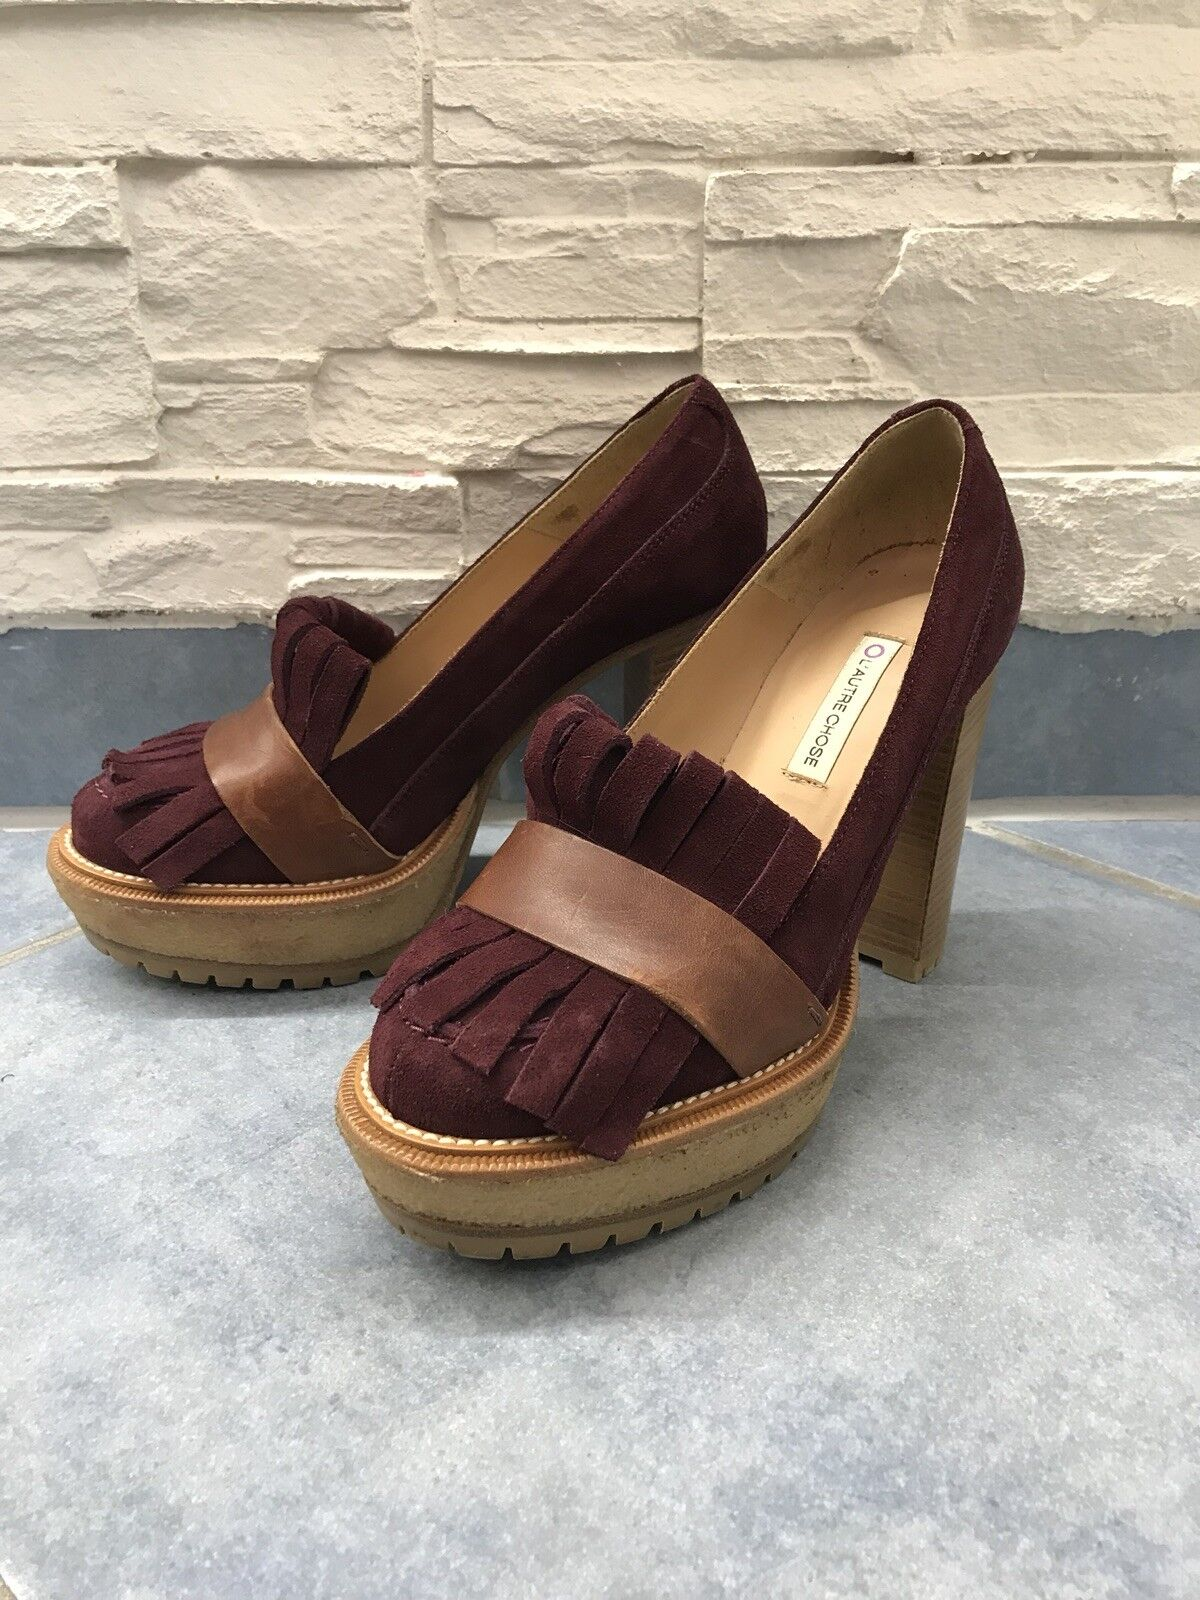 Damen Schuhe Pumps High Heels L'Autre L'Autre L'Autre Chose Größe 38 8e80f6